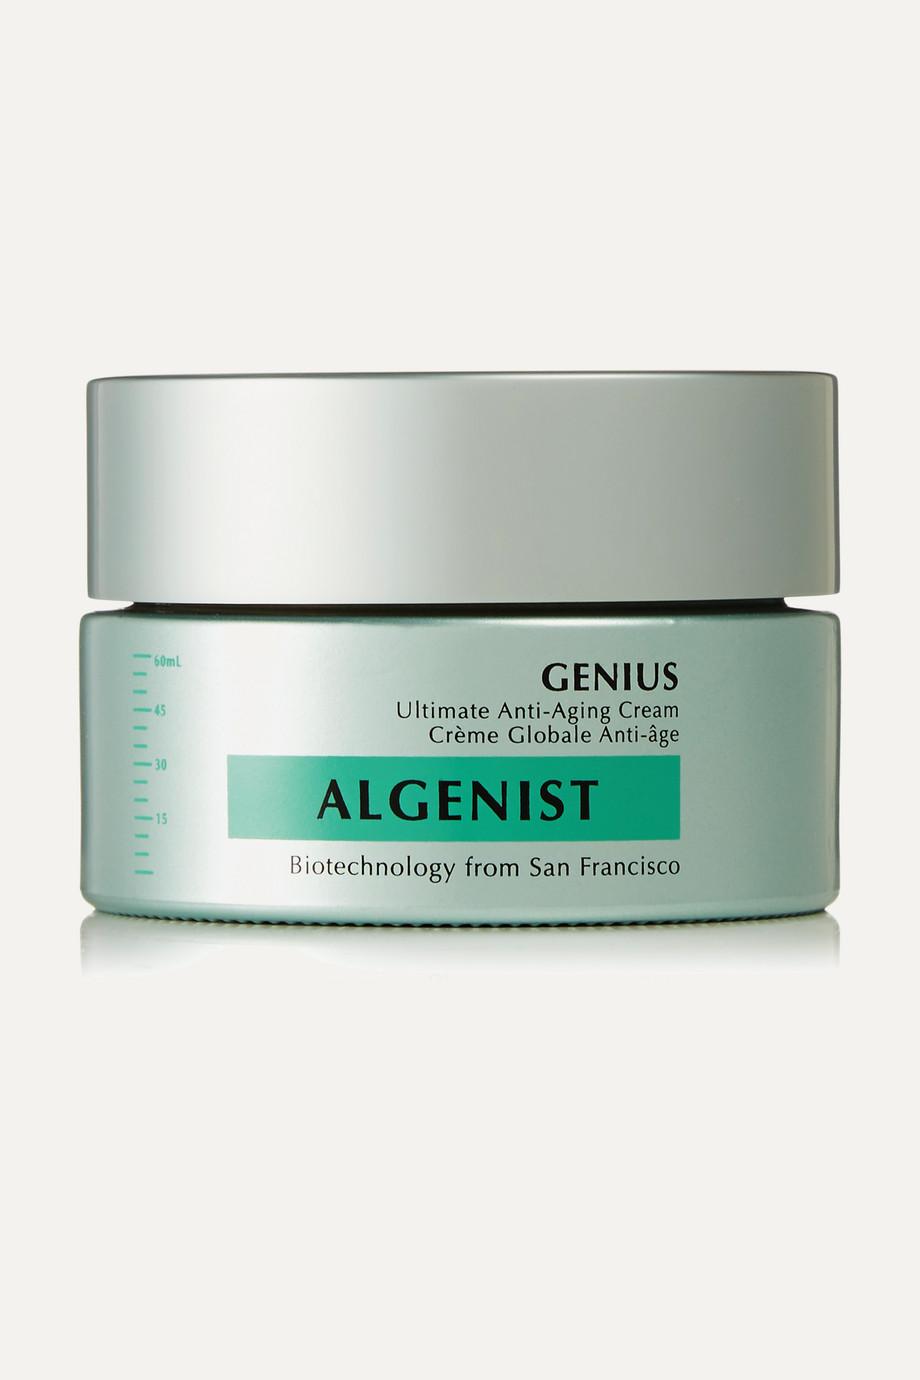 Algenist GENIUS Ultimate Anti-Aging Cream, 60ml